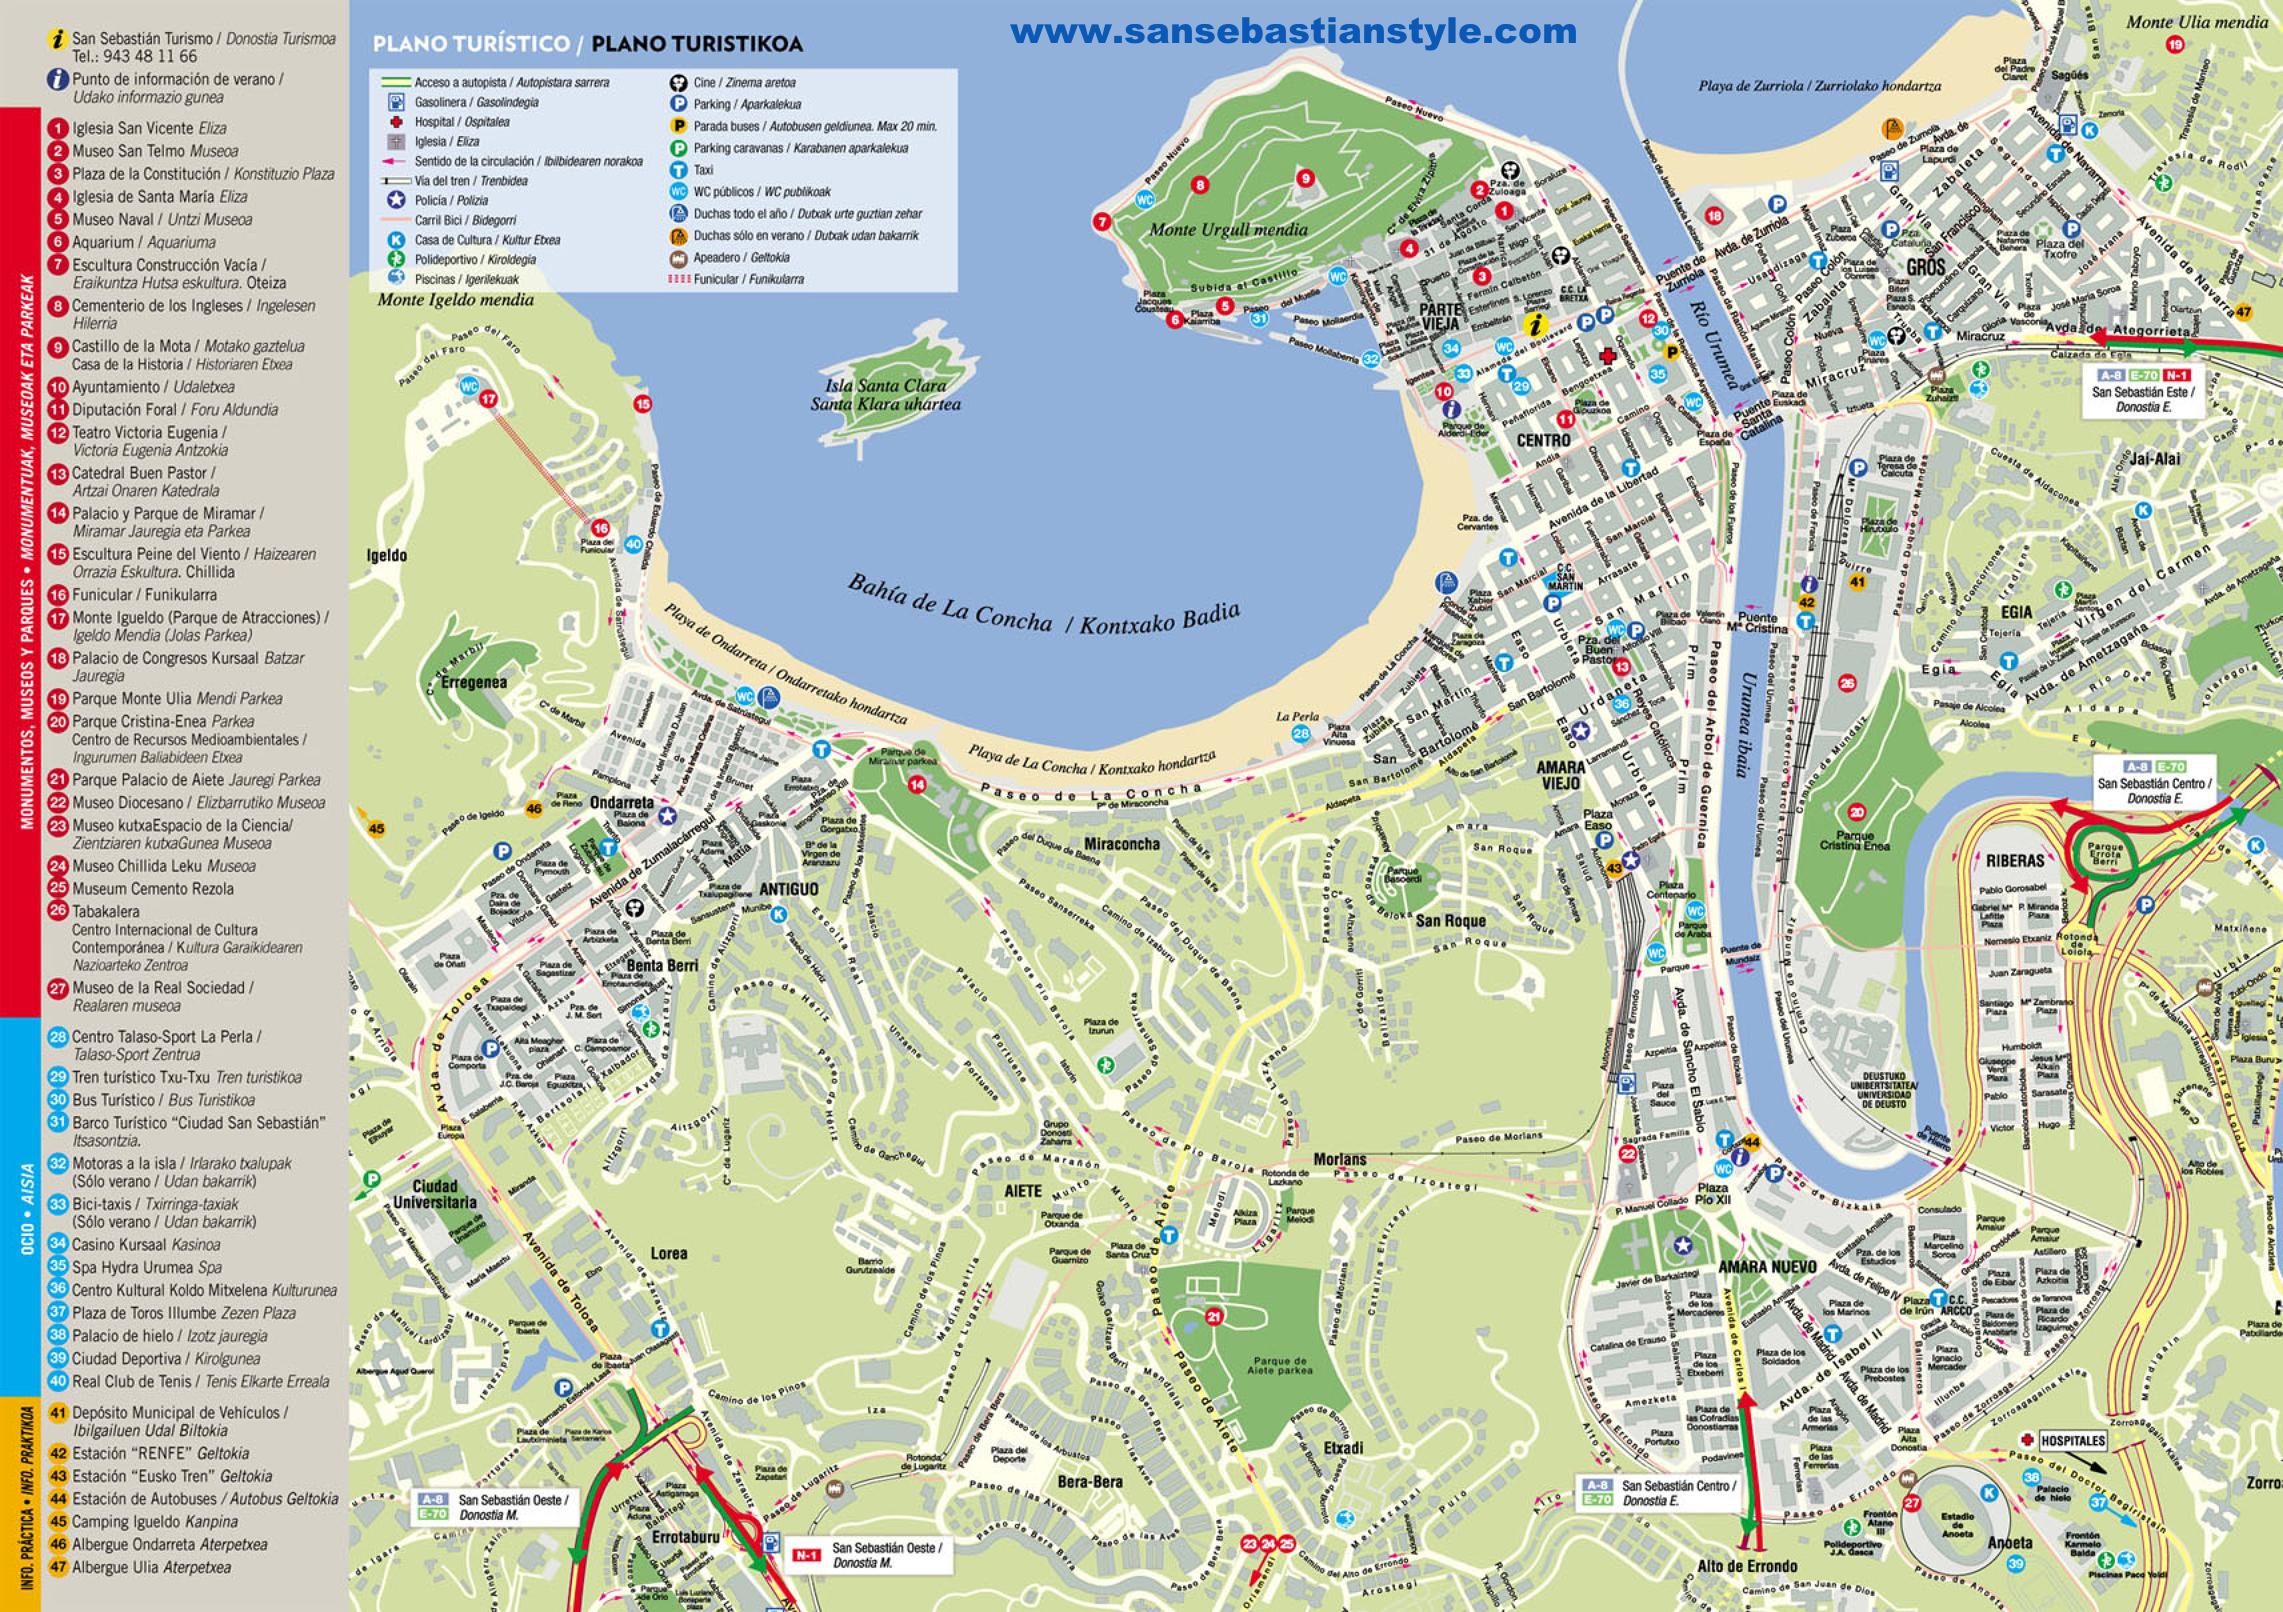 Mapa de San Sebastin  Plano turstico